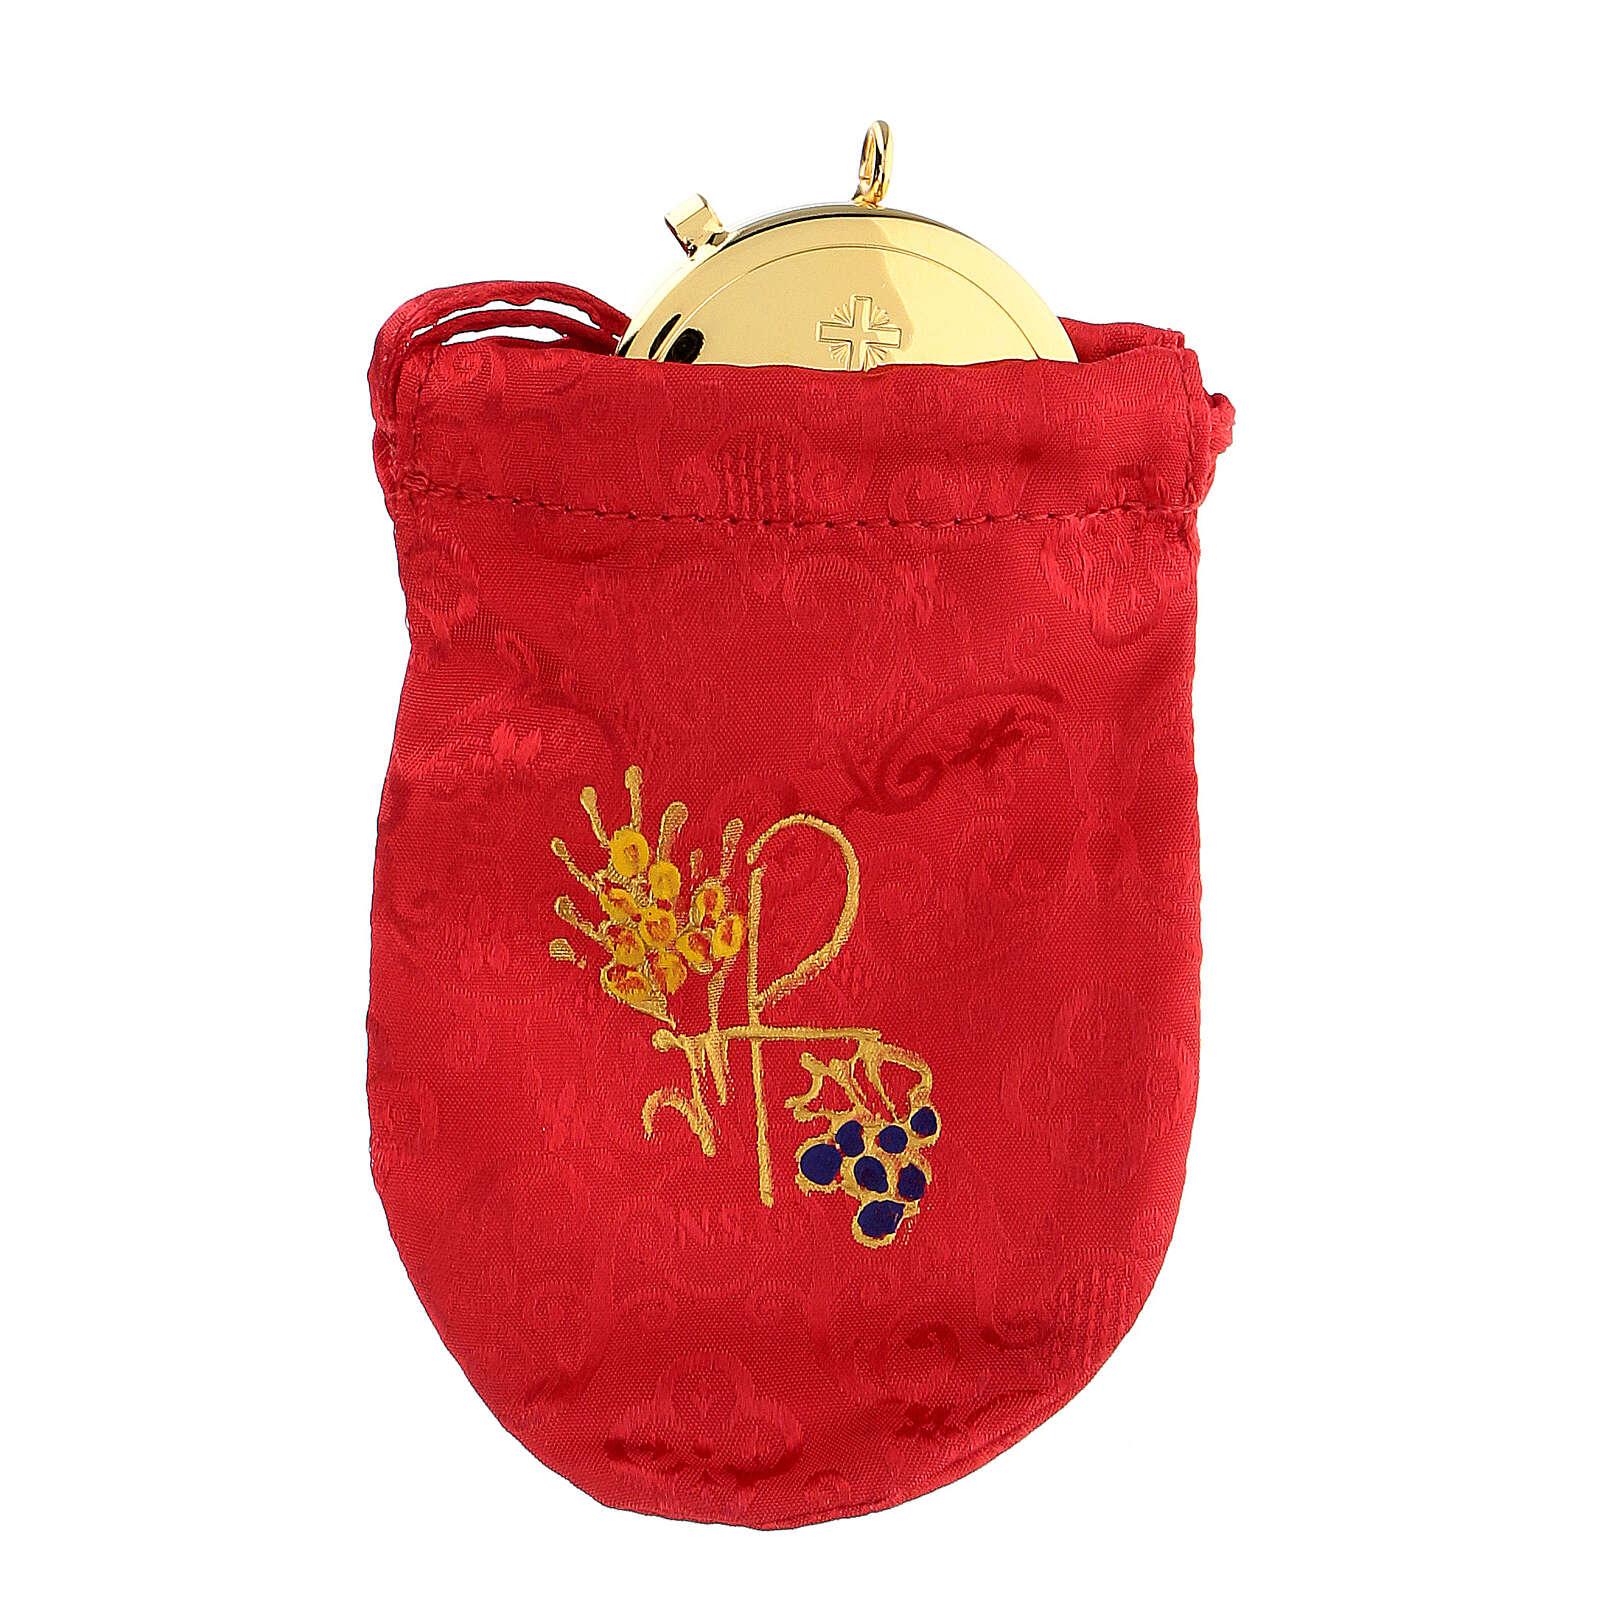 Viaticum burse in red Jacquard fabric 3 in pyx 3